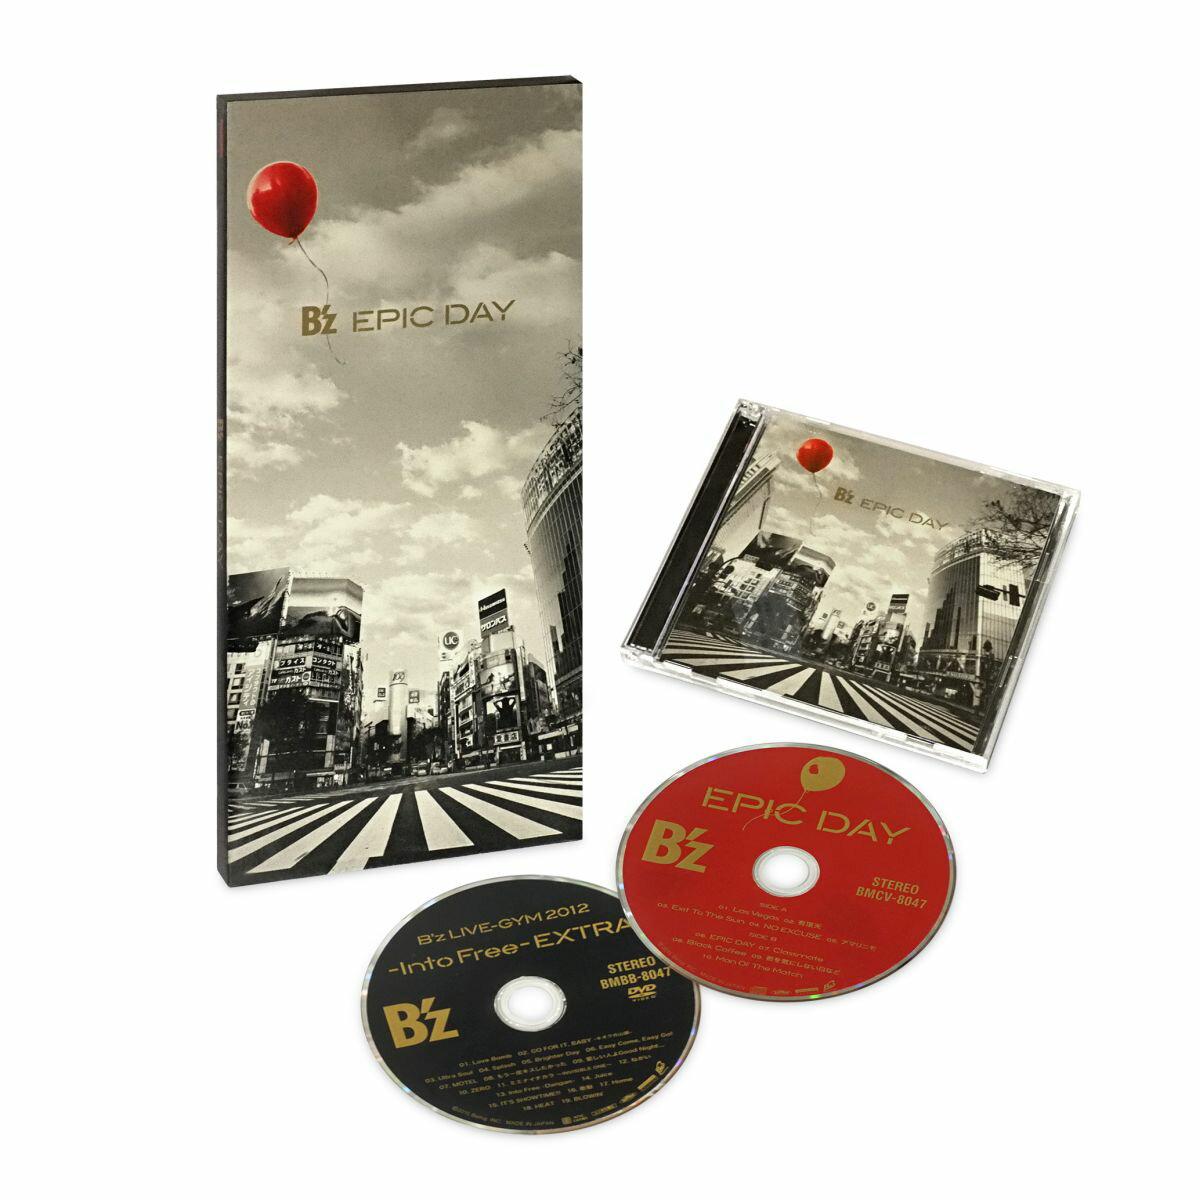 邦楽, ロック・ポップス EPIC DAY ( CDDVD) Bz